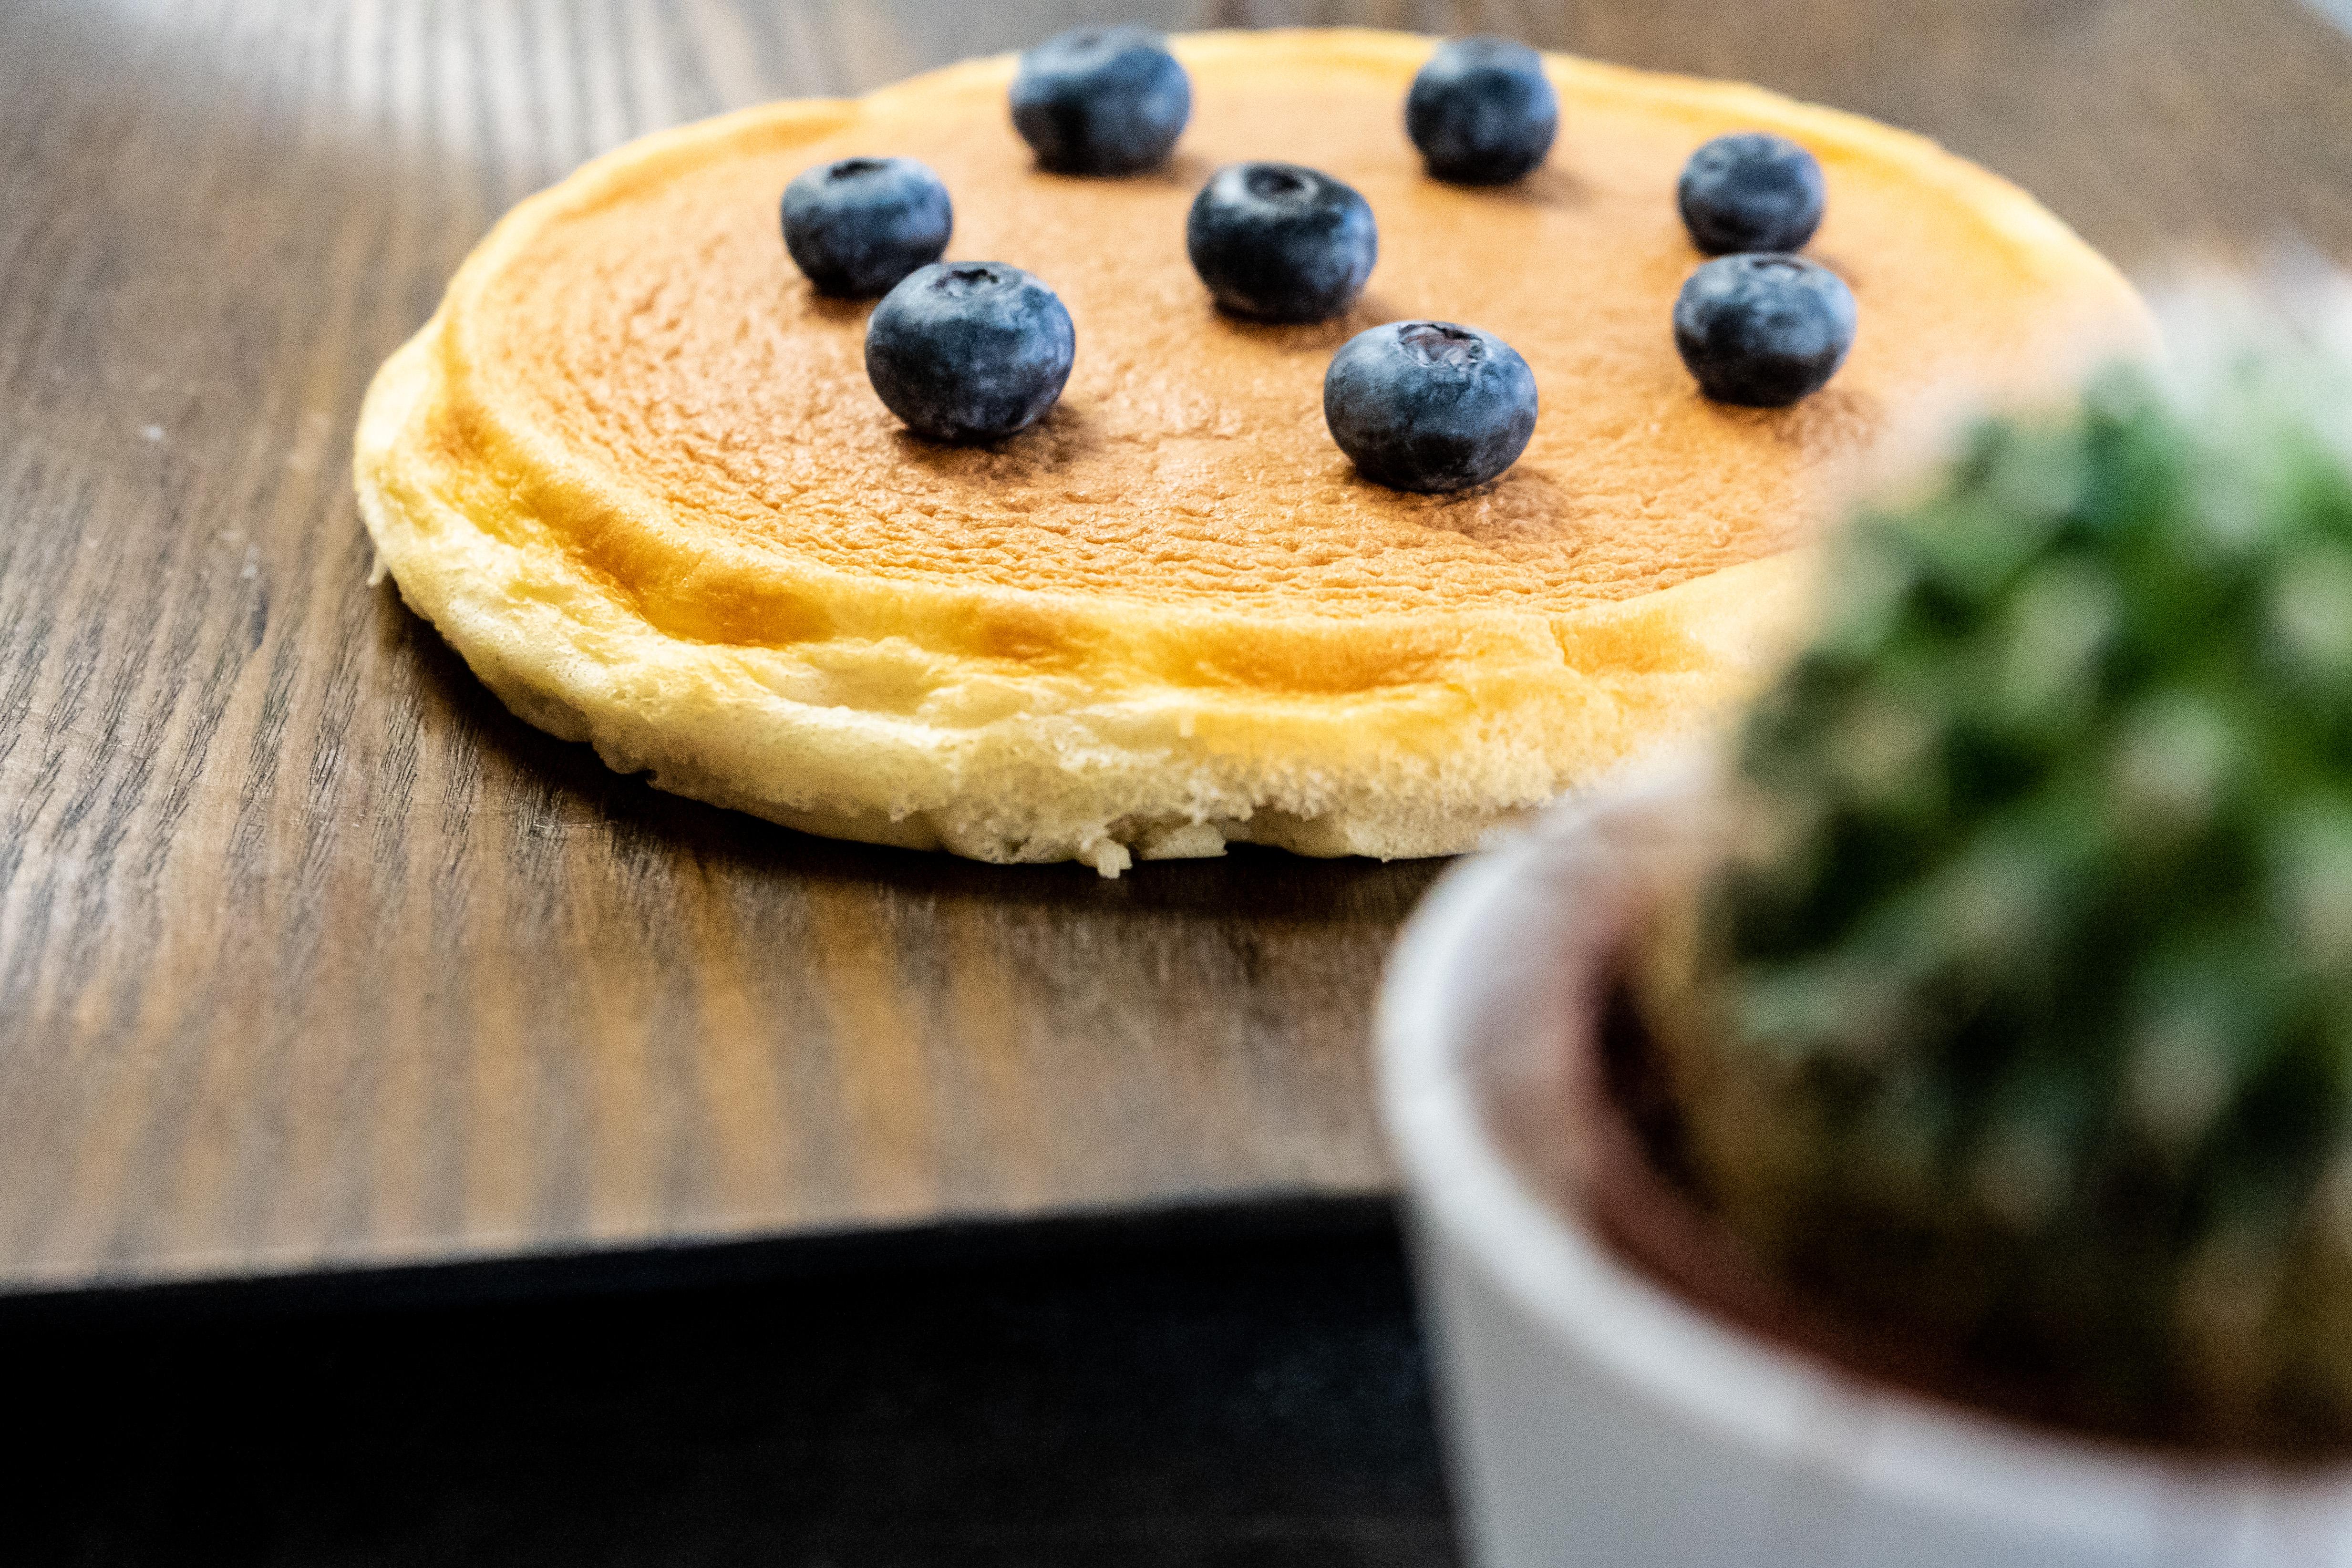 Vollkorn-Pancakes sind in der Stabilisierungsphase erlaubt.